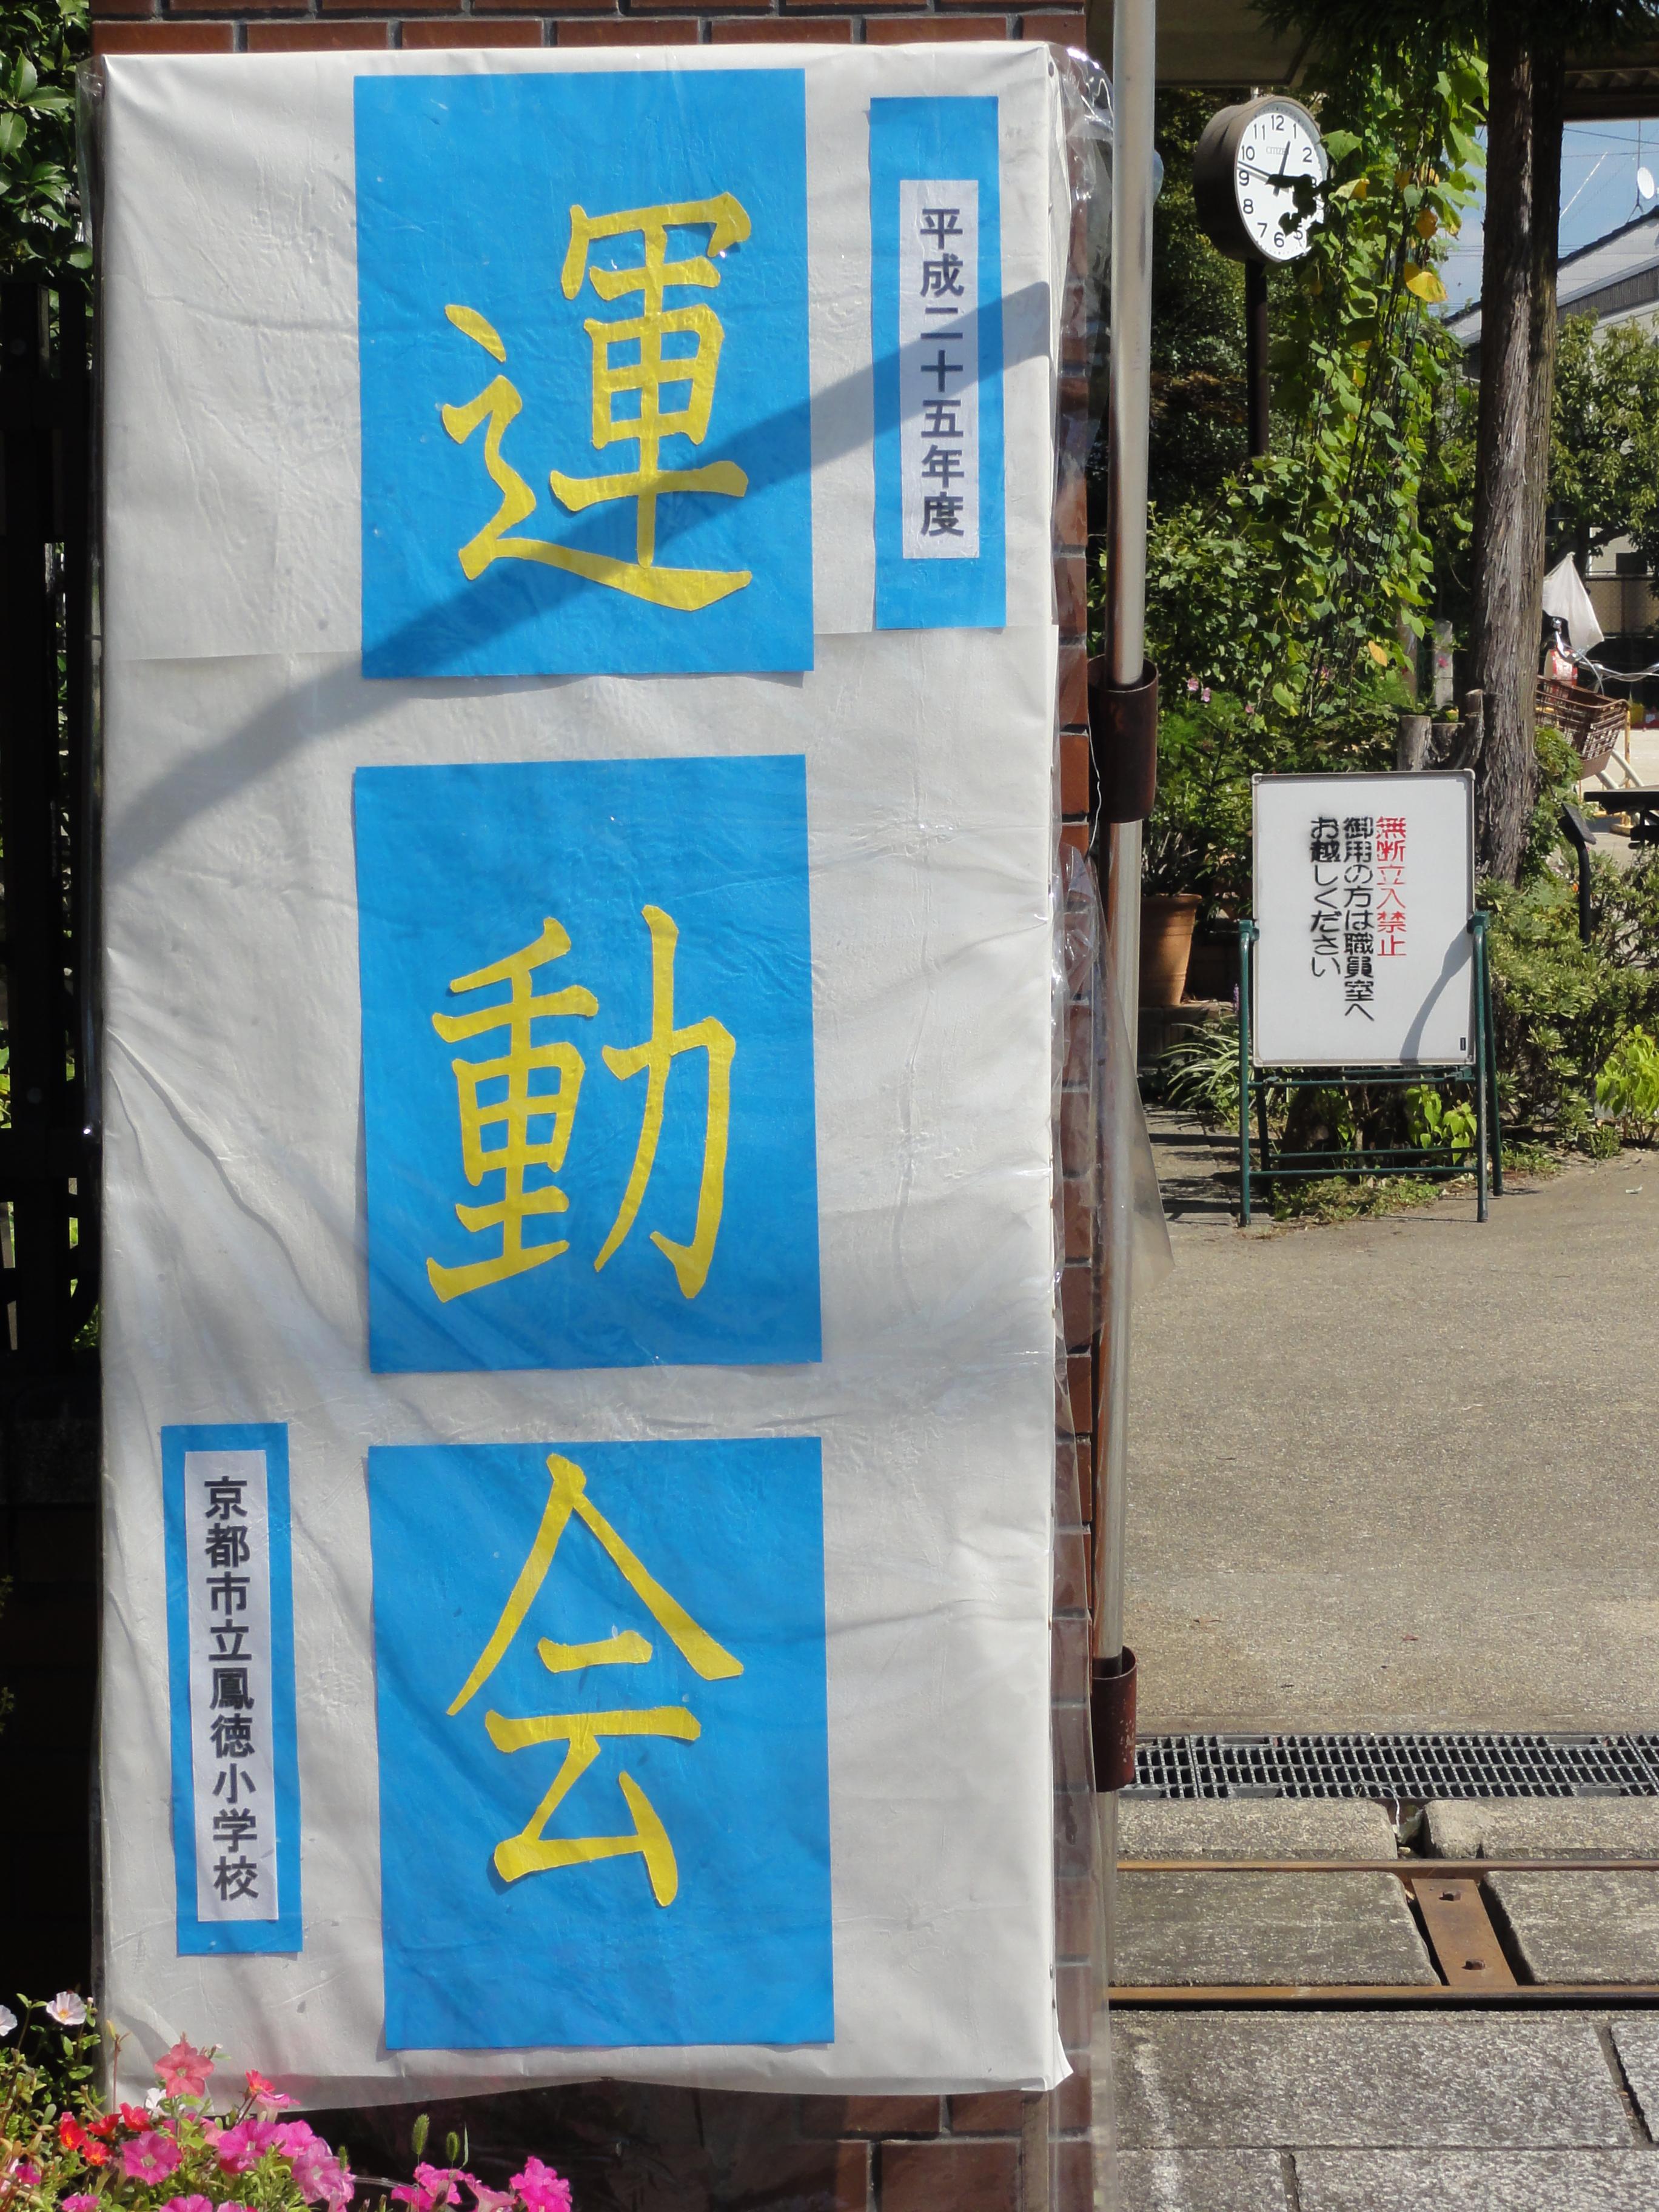 learn-kanji-Japanese-sign-sports-festival